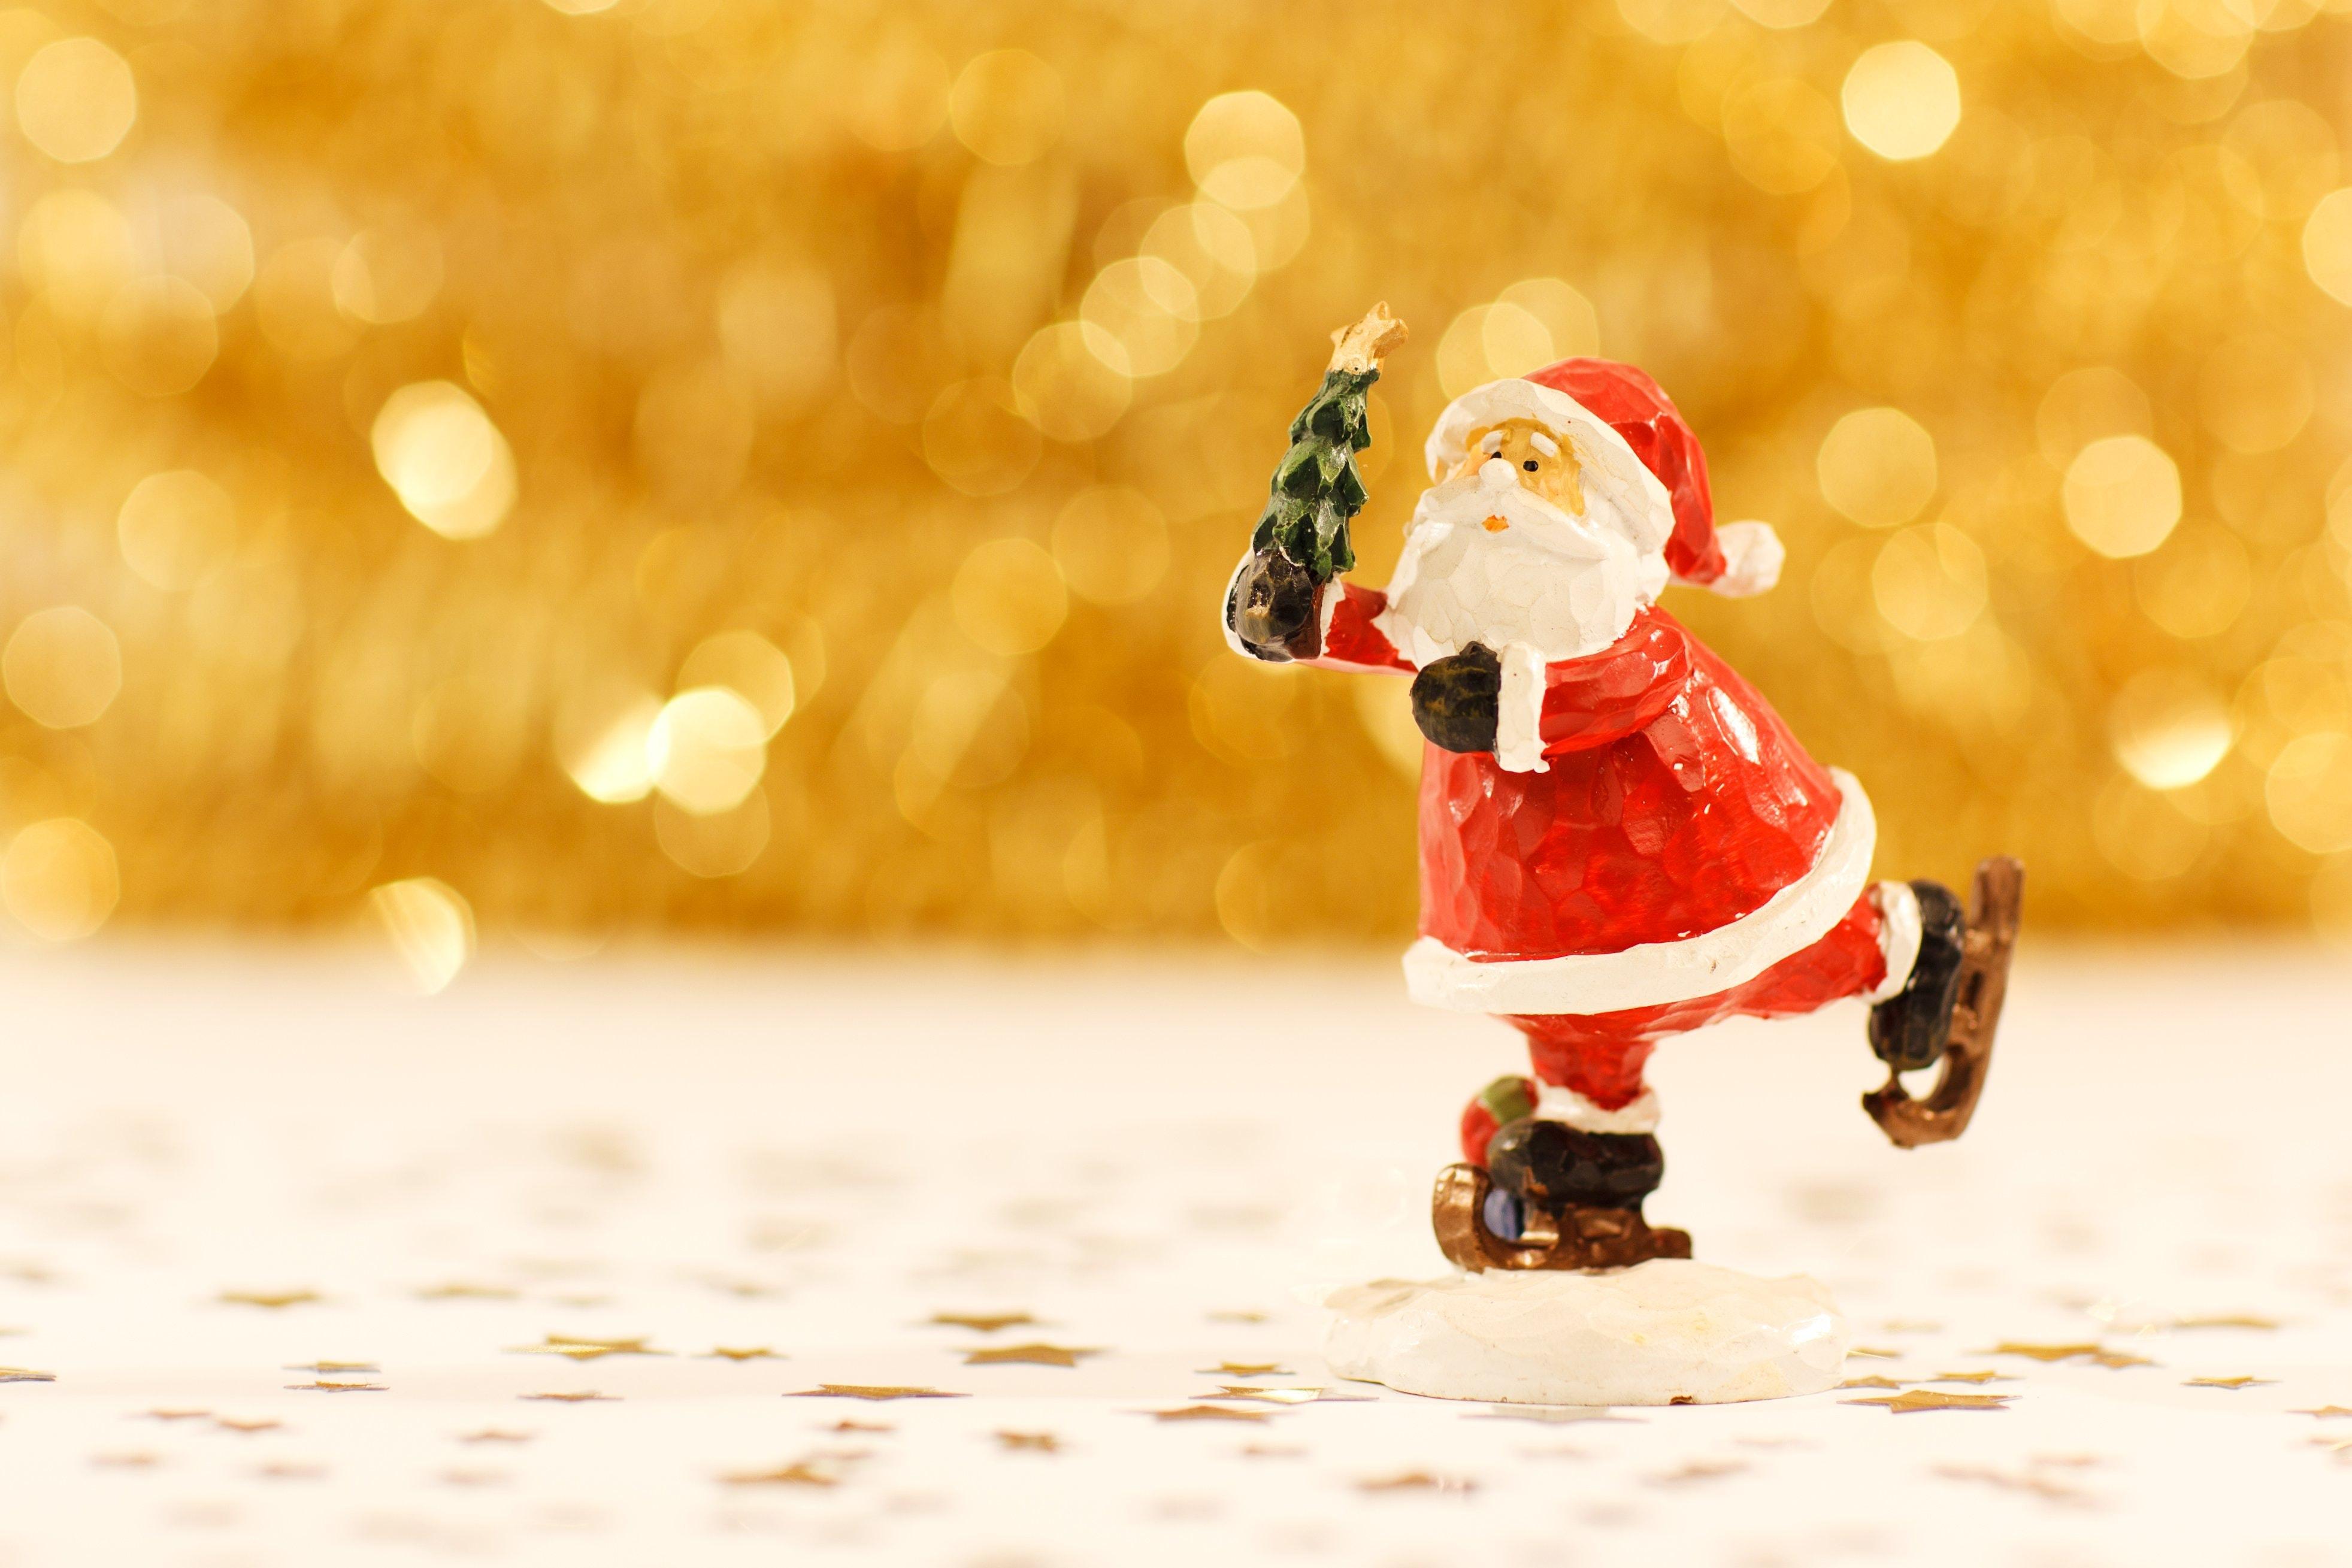 【サンタクローズ】クリスマス映画はテンション上がる!!【映画】